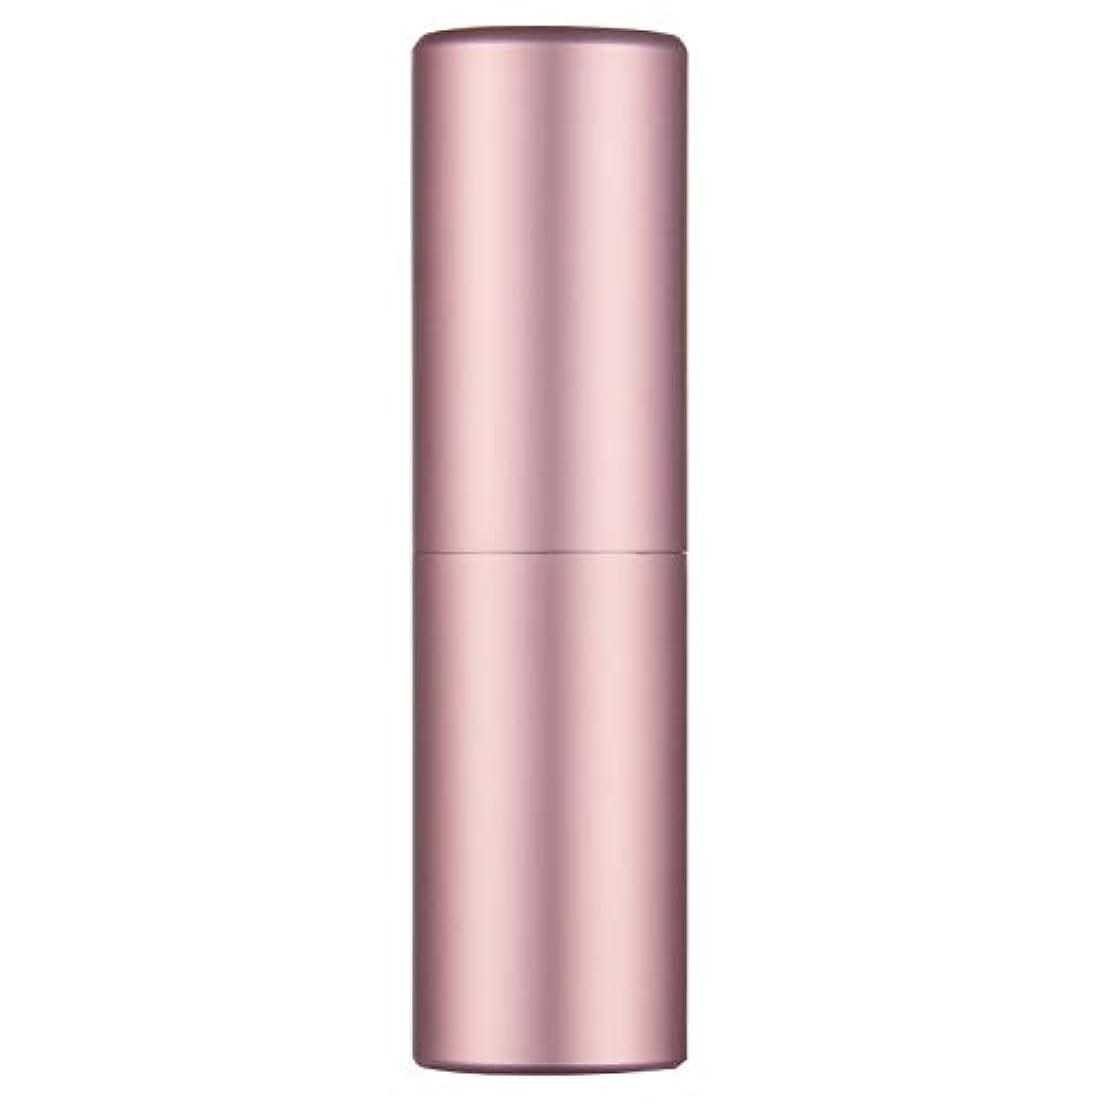 ハミングバード信号侵入アトマイザー 香水ボトル 香水瓶 20ml 詰め替え容器 レディース スプレーボトル ミニ漏斗付き (ピンク)